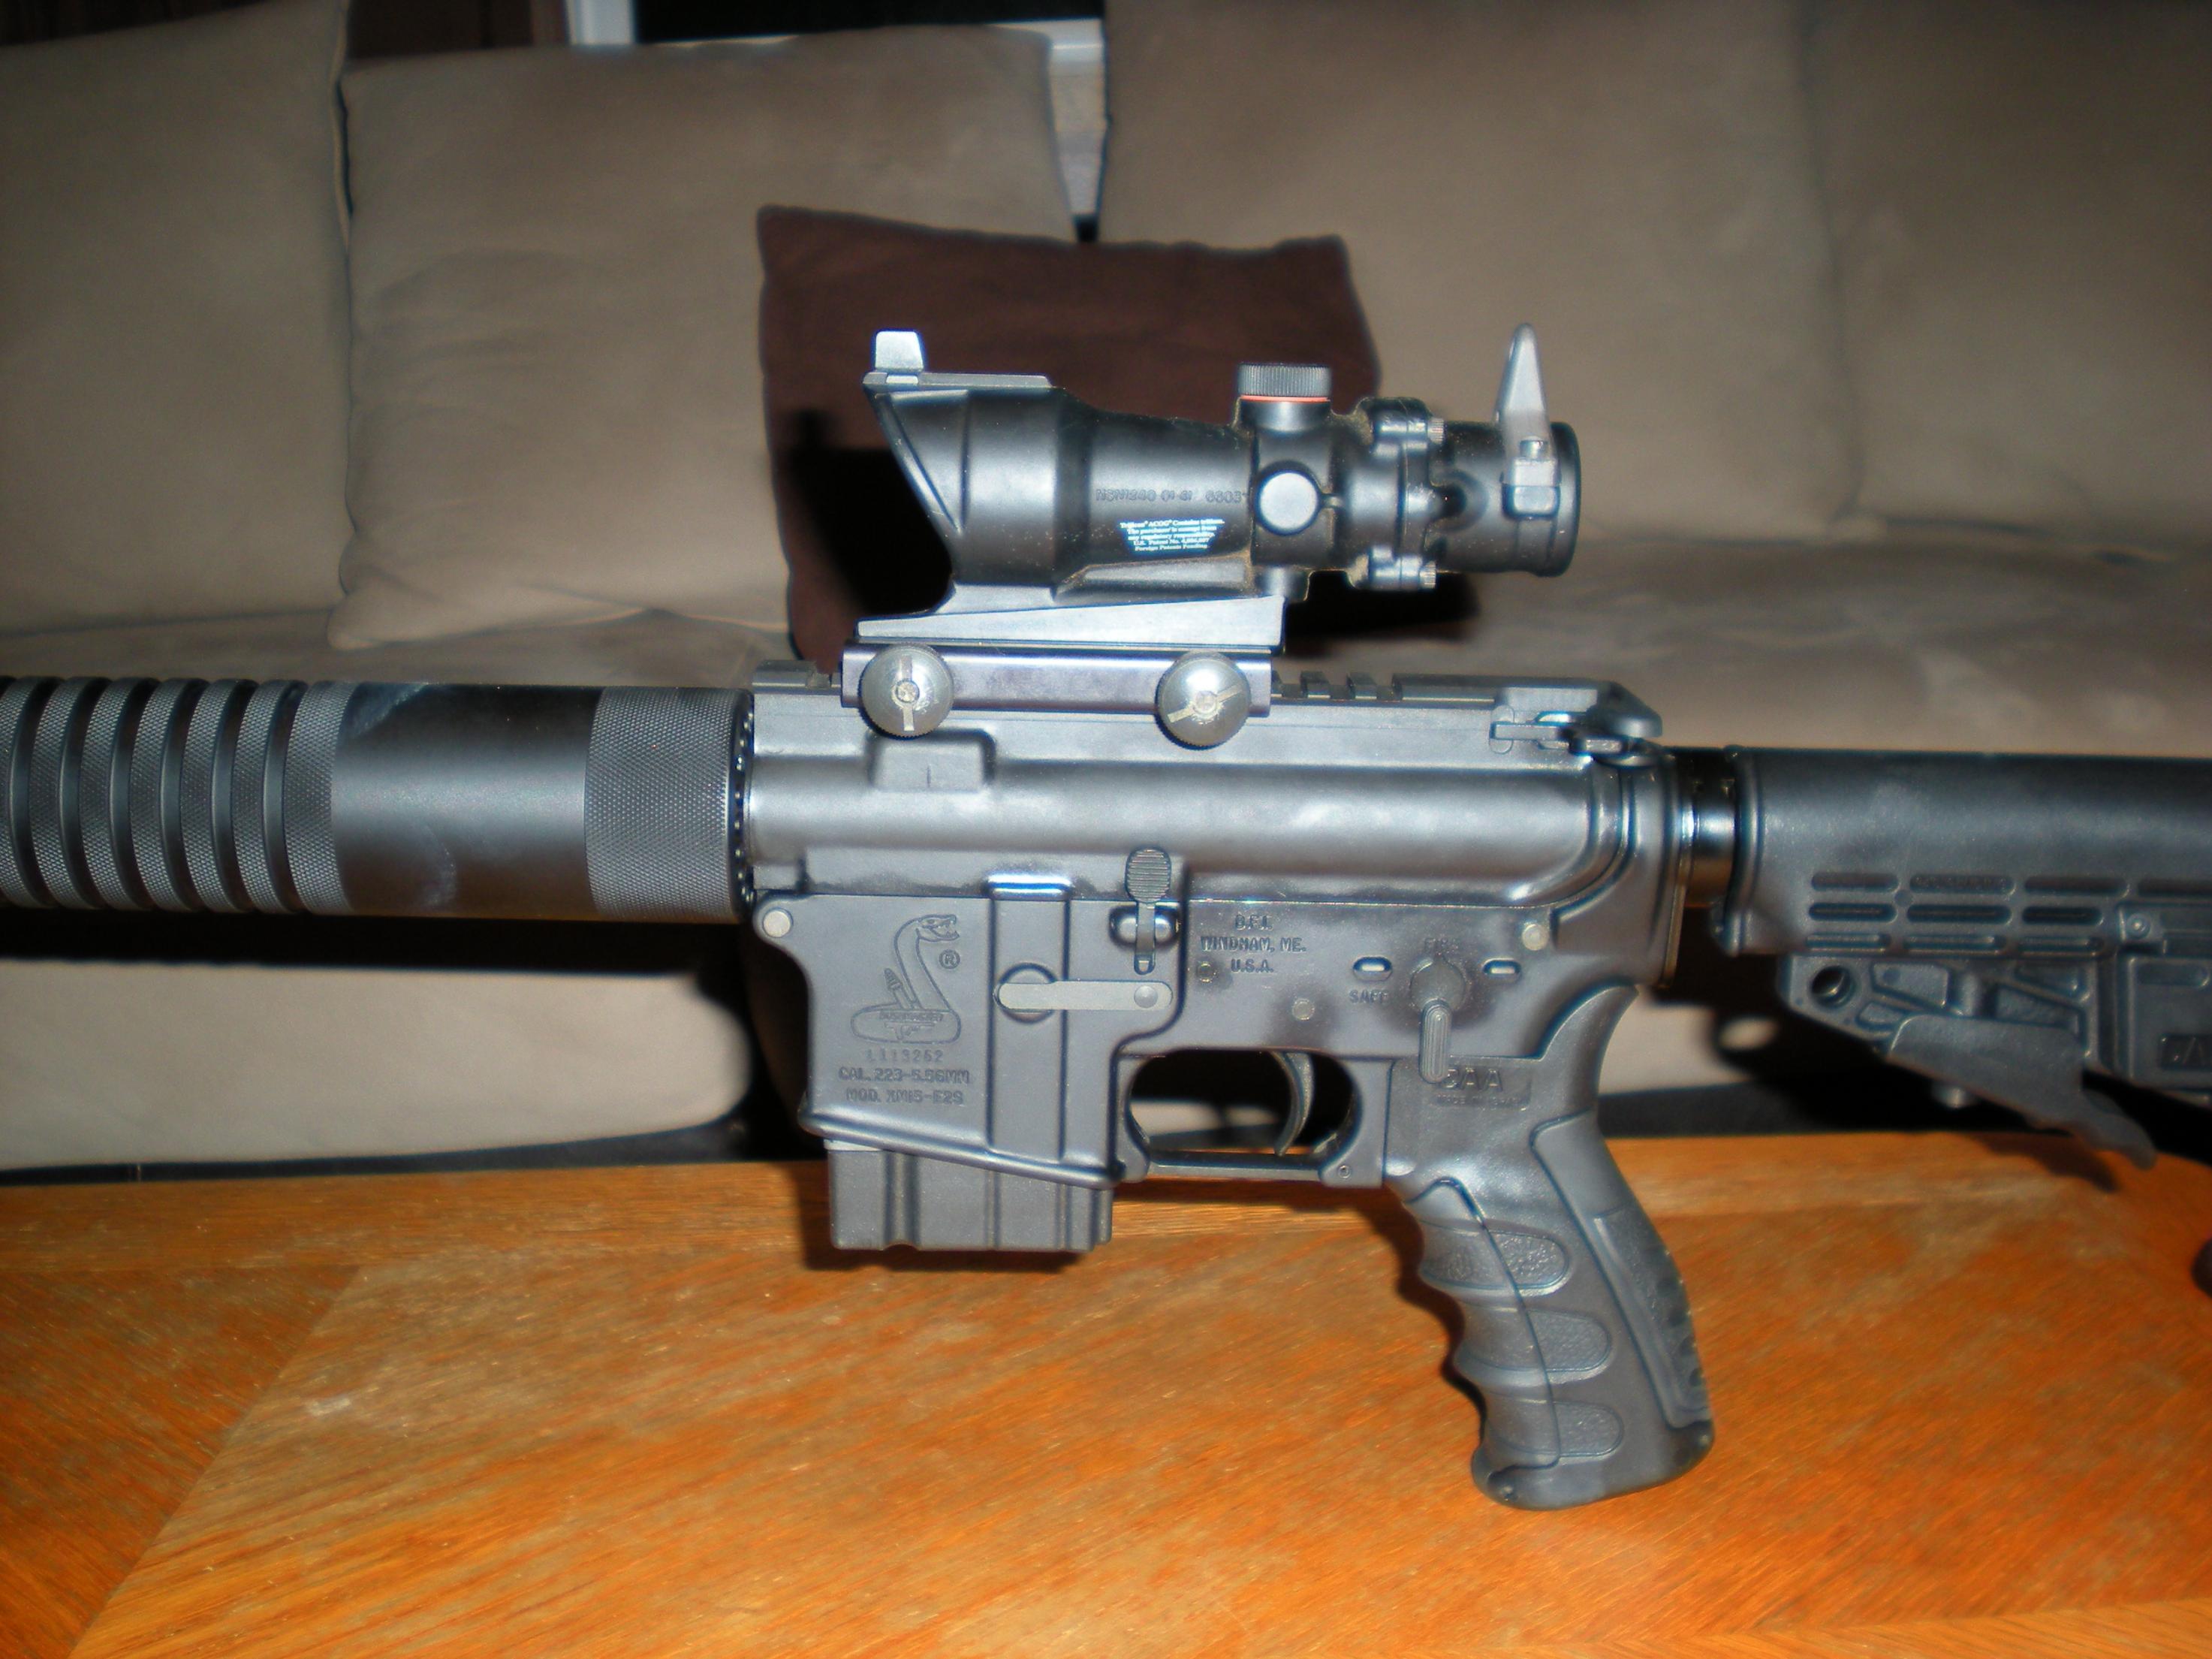 I dressed up my AR a bit!-bushmaster-5.56-w-agog-2.jpg